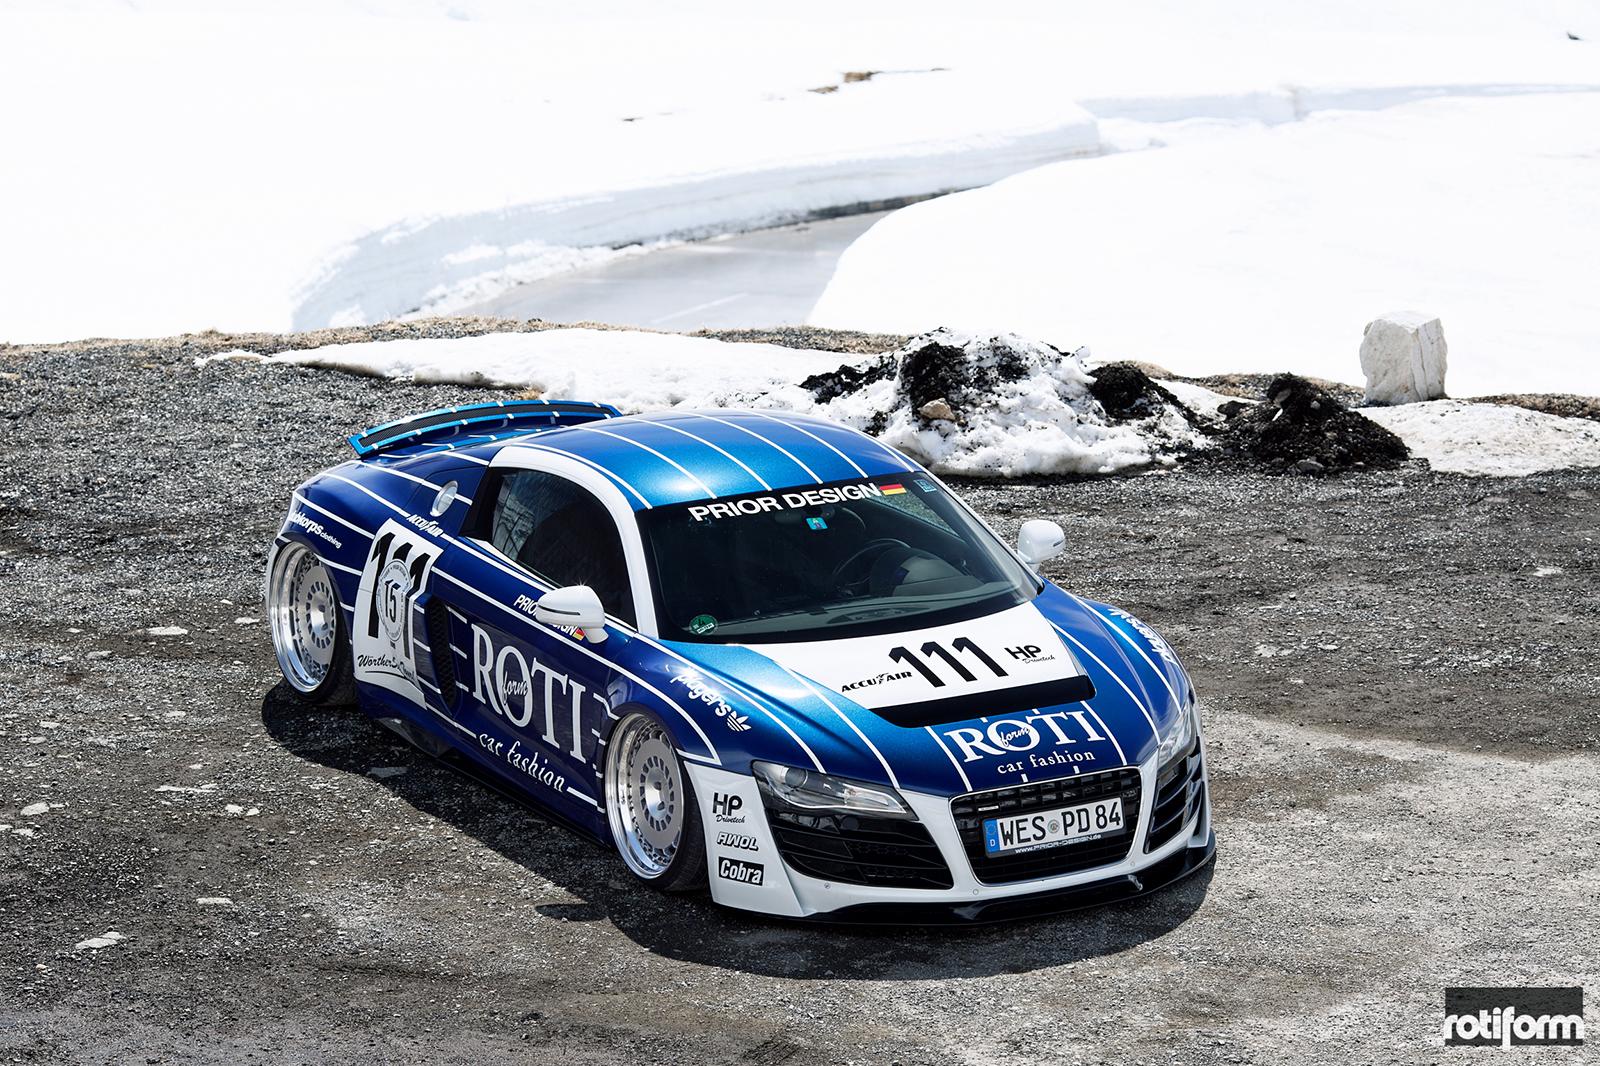 Audi R8 boss